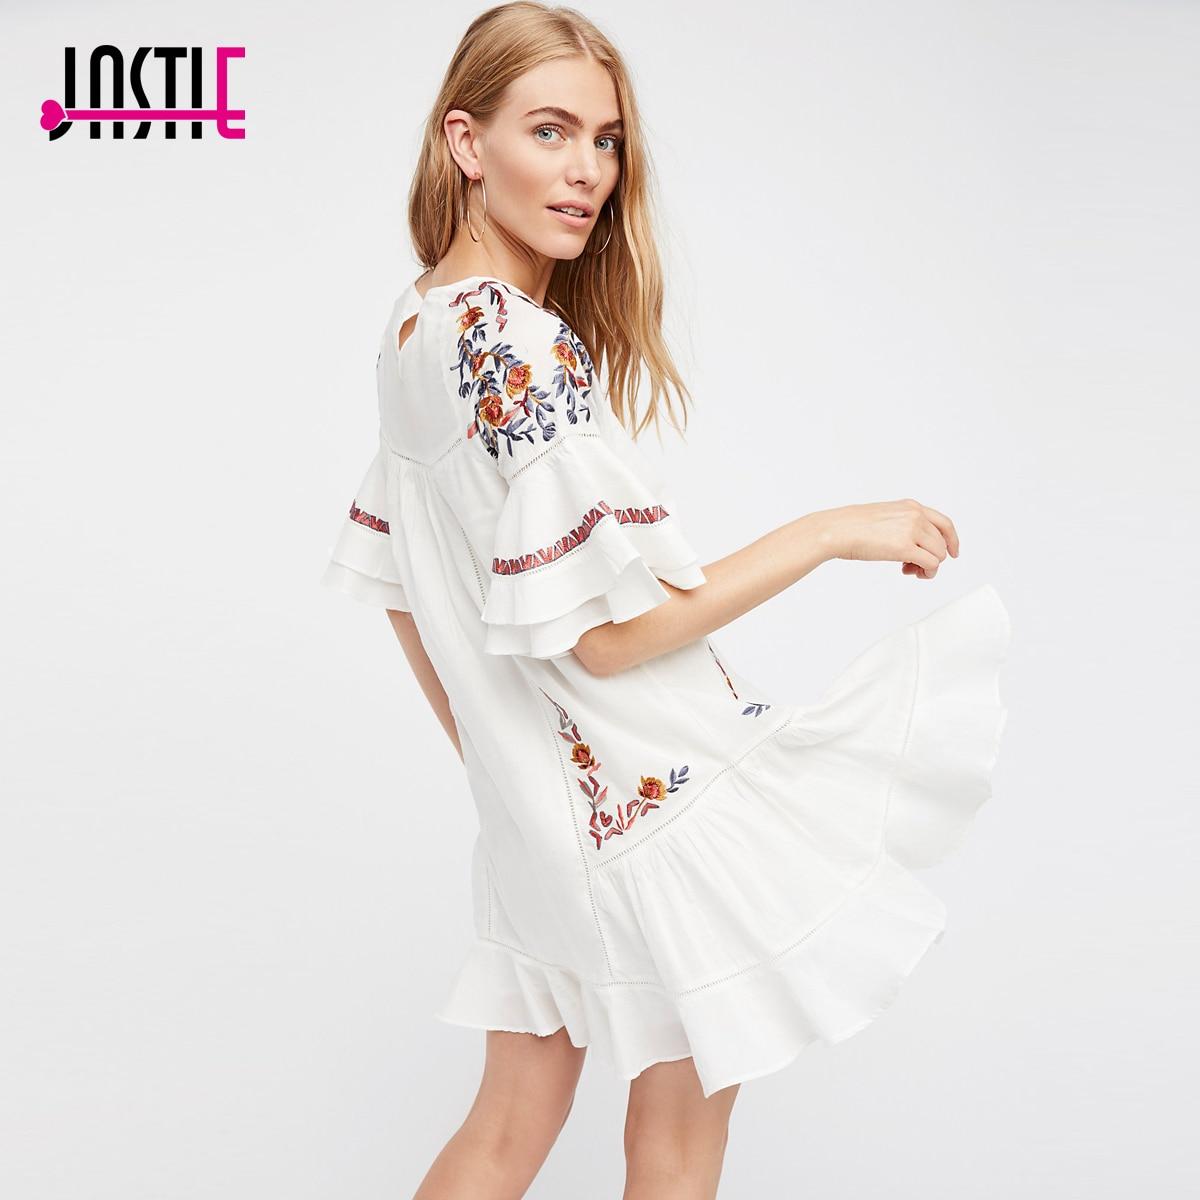 Jastie Breezy coton robe belle Floral broderie d'été robes évasées ourlet manches Boho Chic plage robe 2018 femmes Vestido